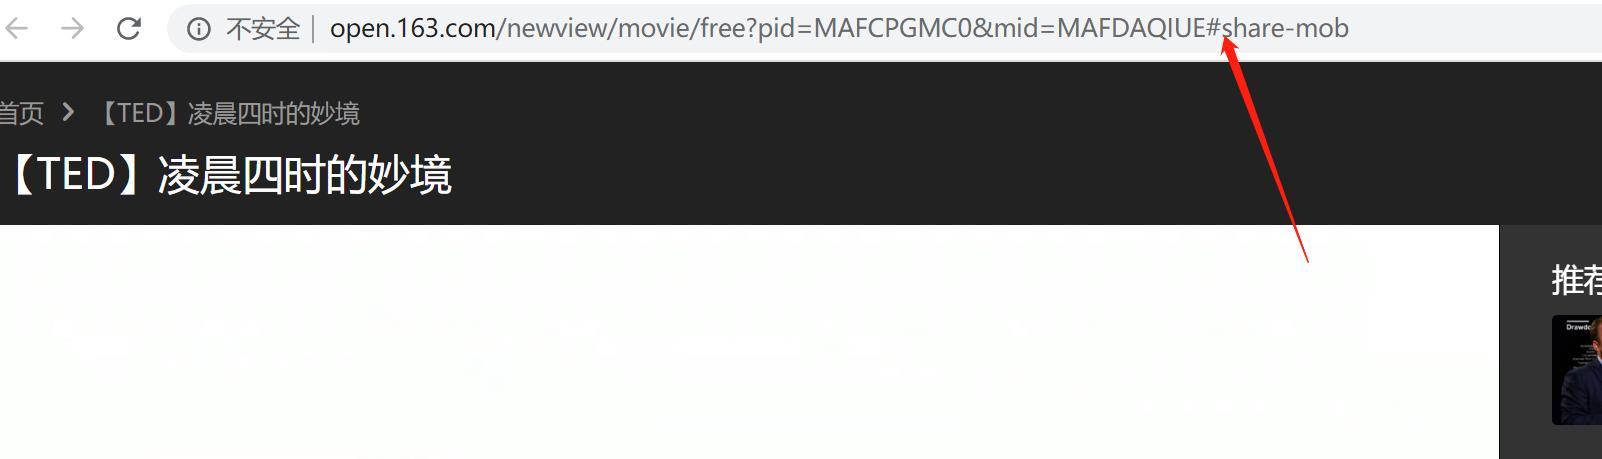 简单快捷下载网易免费公开课视频及字幕的方法